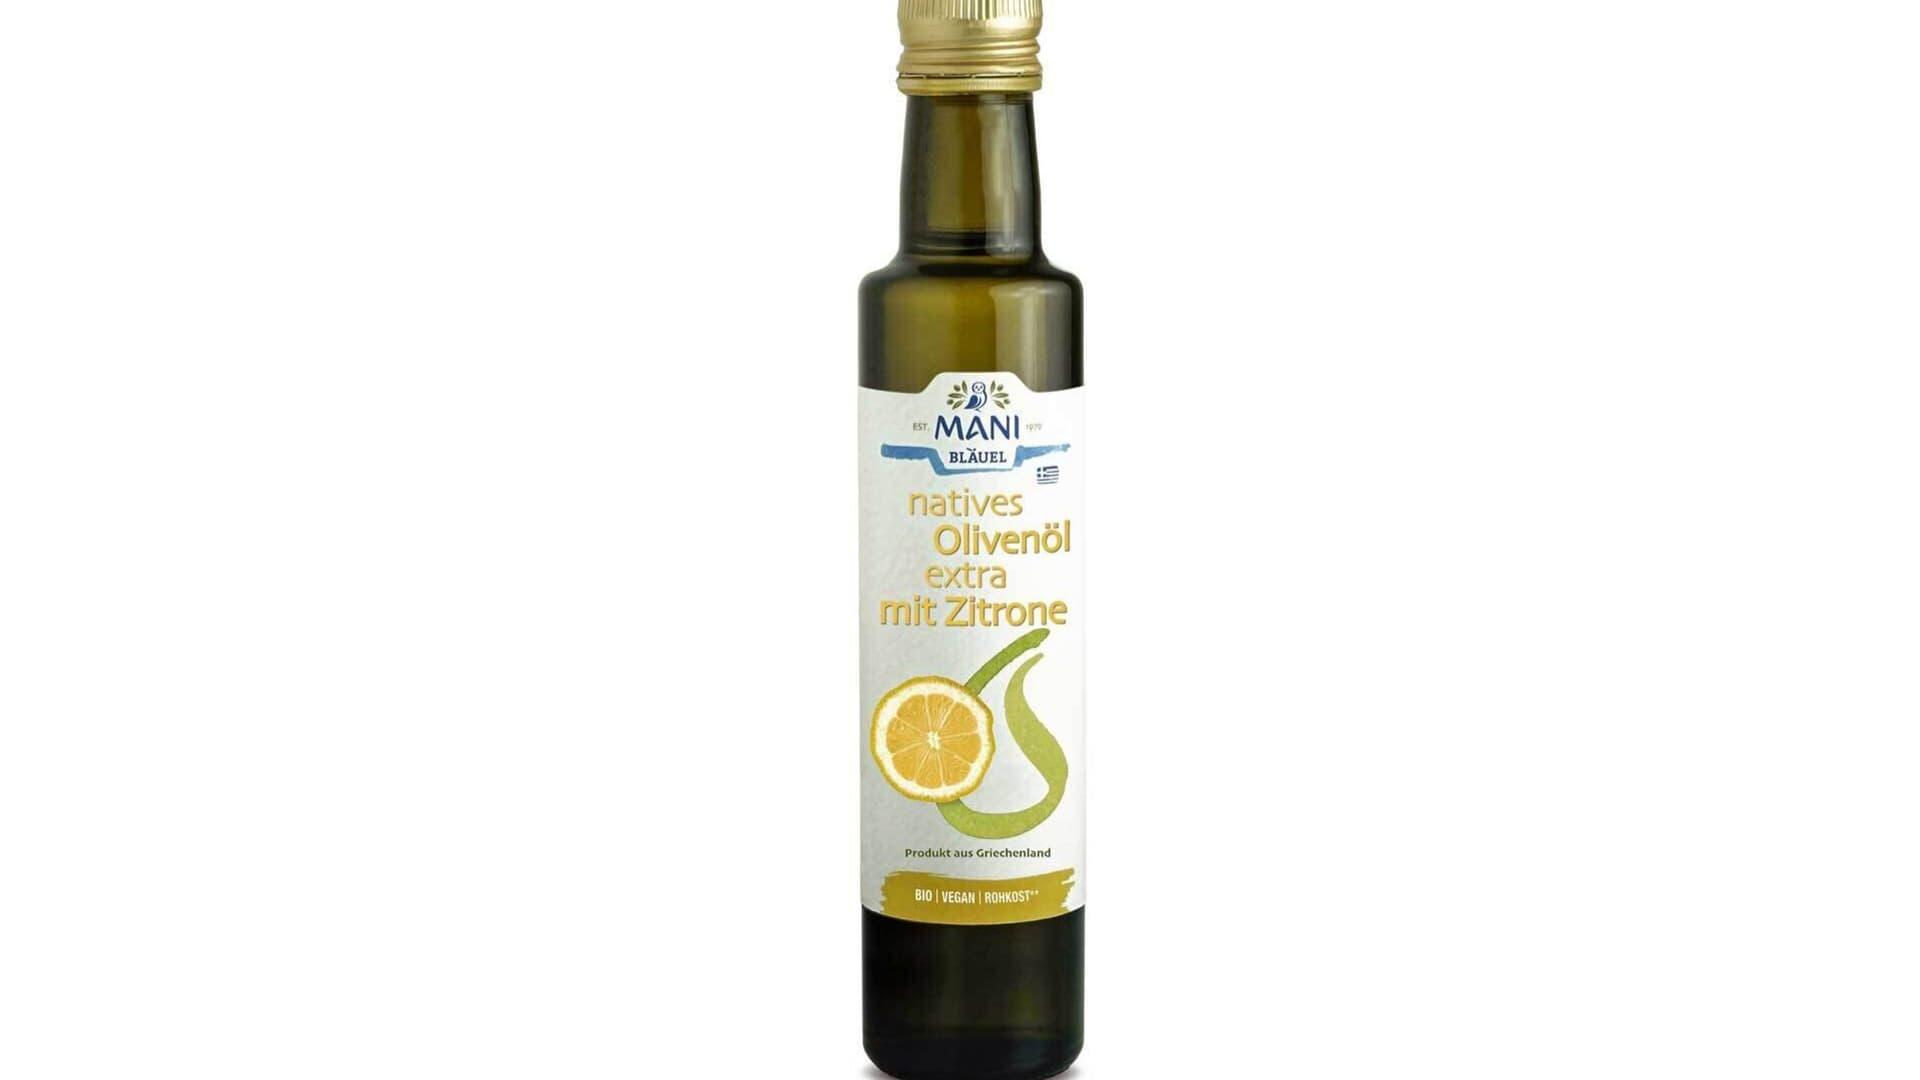 Mani Bläuel Olivenöl mit Zitrone